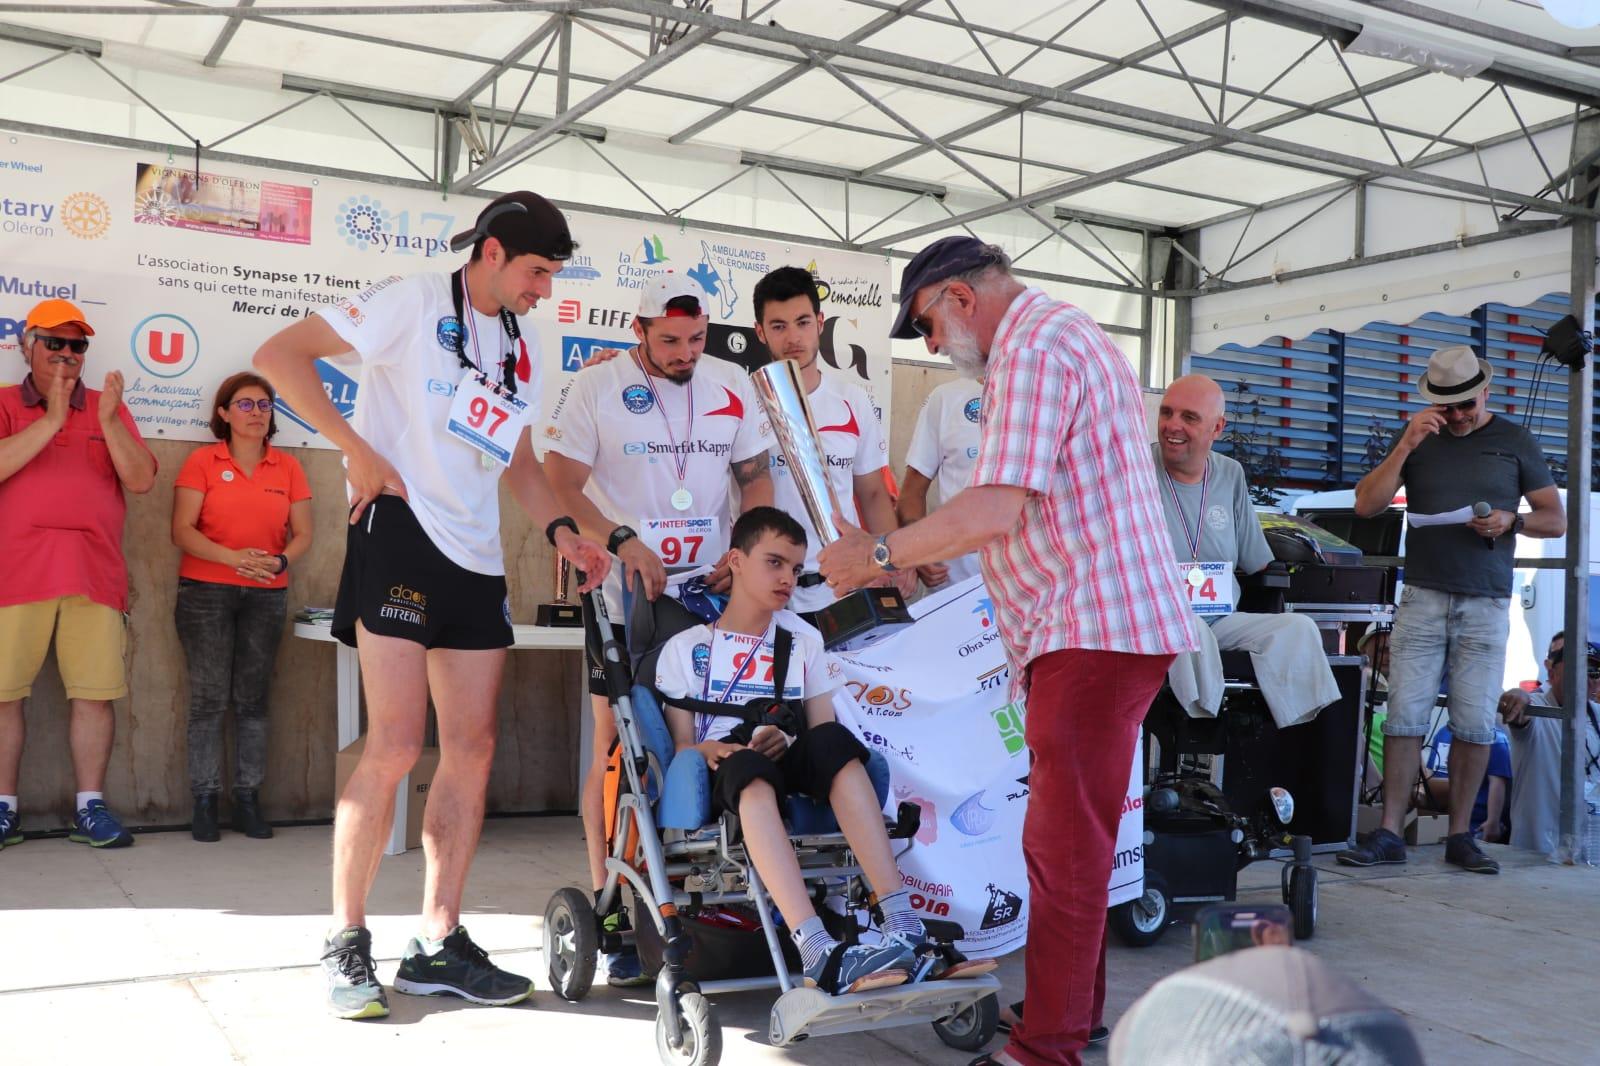 L'equip de Cumbres sin Barreras es proclama subcampió del Món de cadira Joëlette